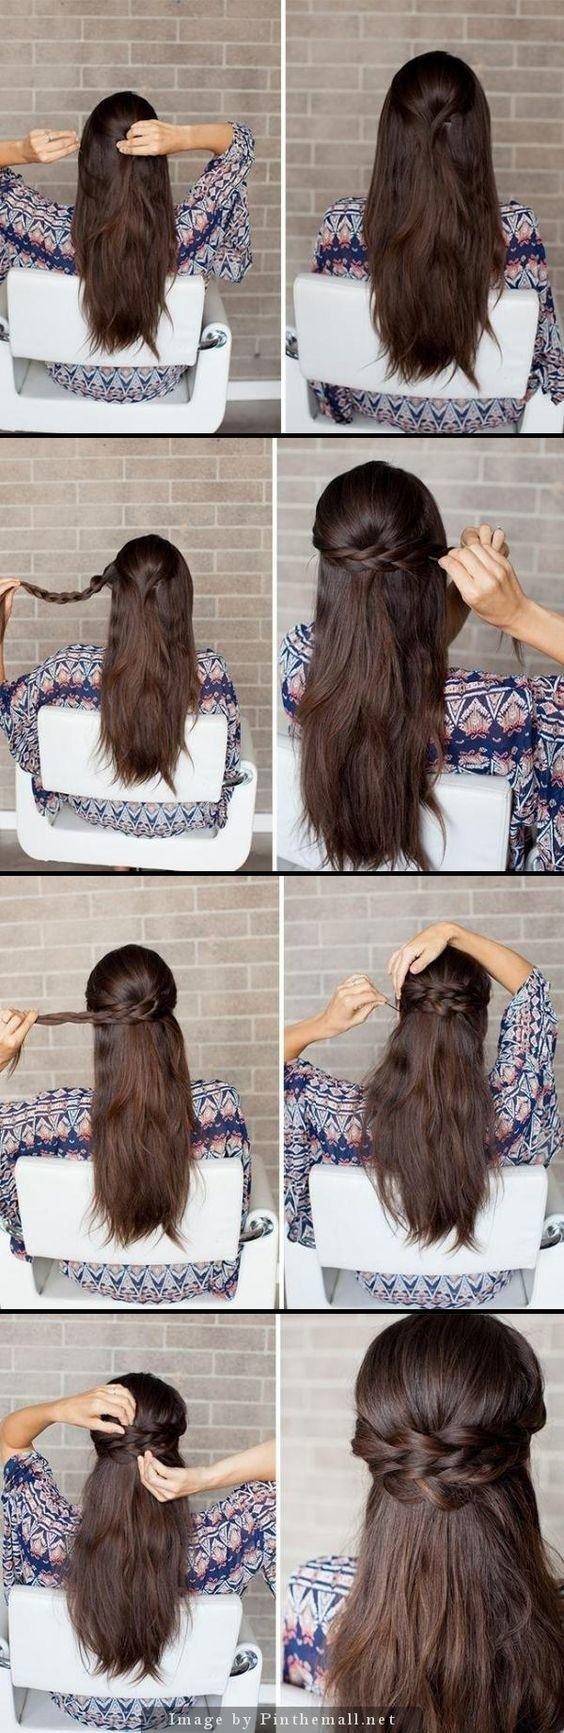 Pour une demi queue de cheval nattée: | Des graphiques qui aideront toutes les filles nulles en coiffure